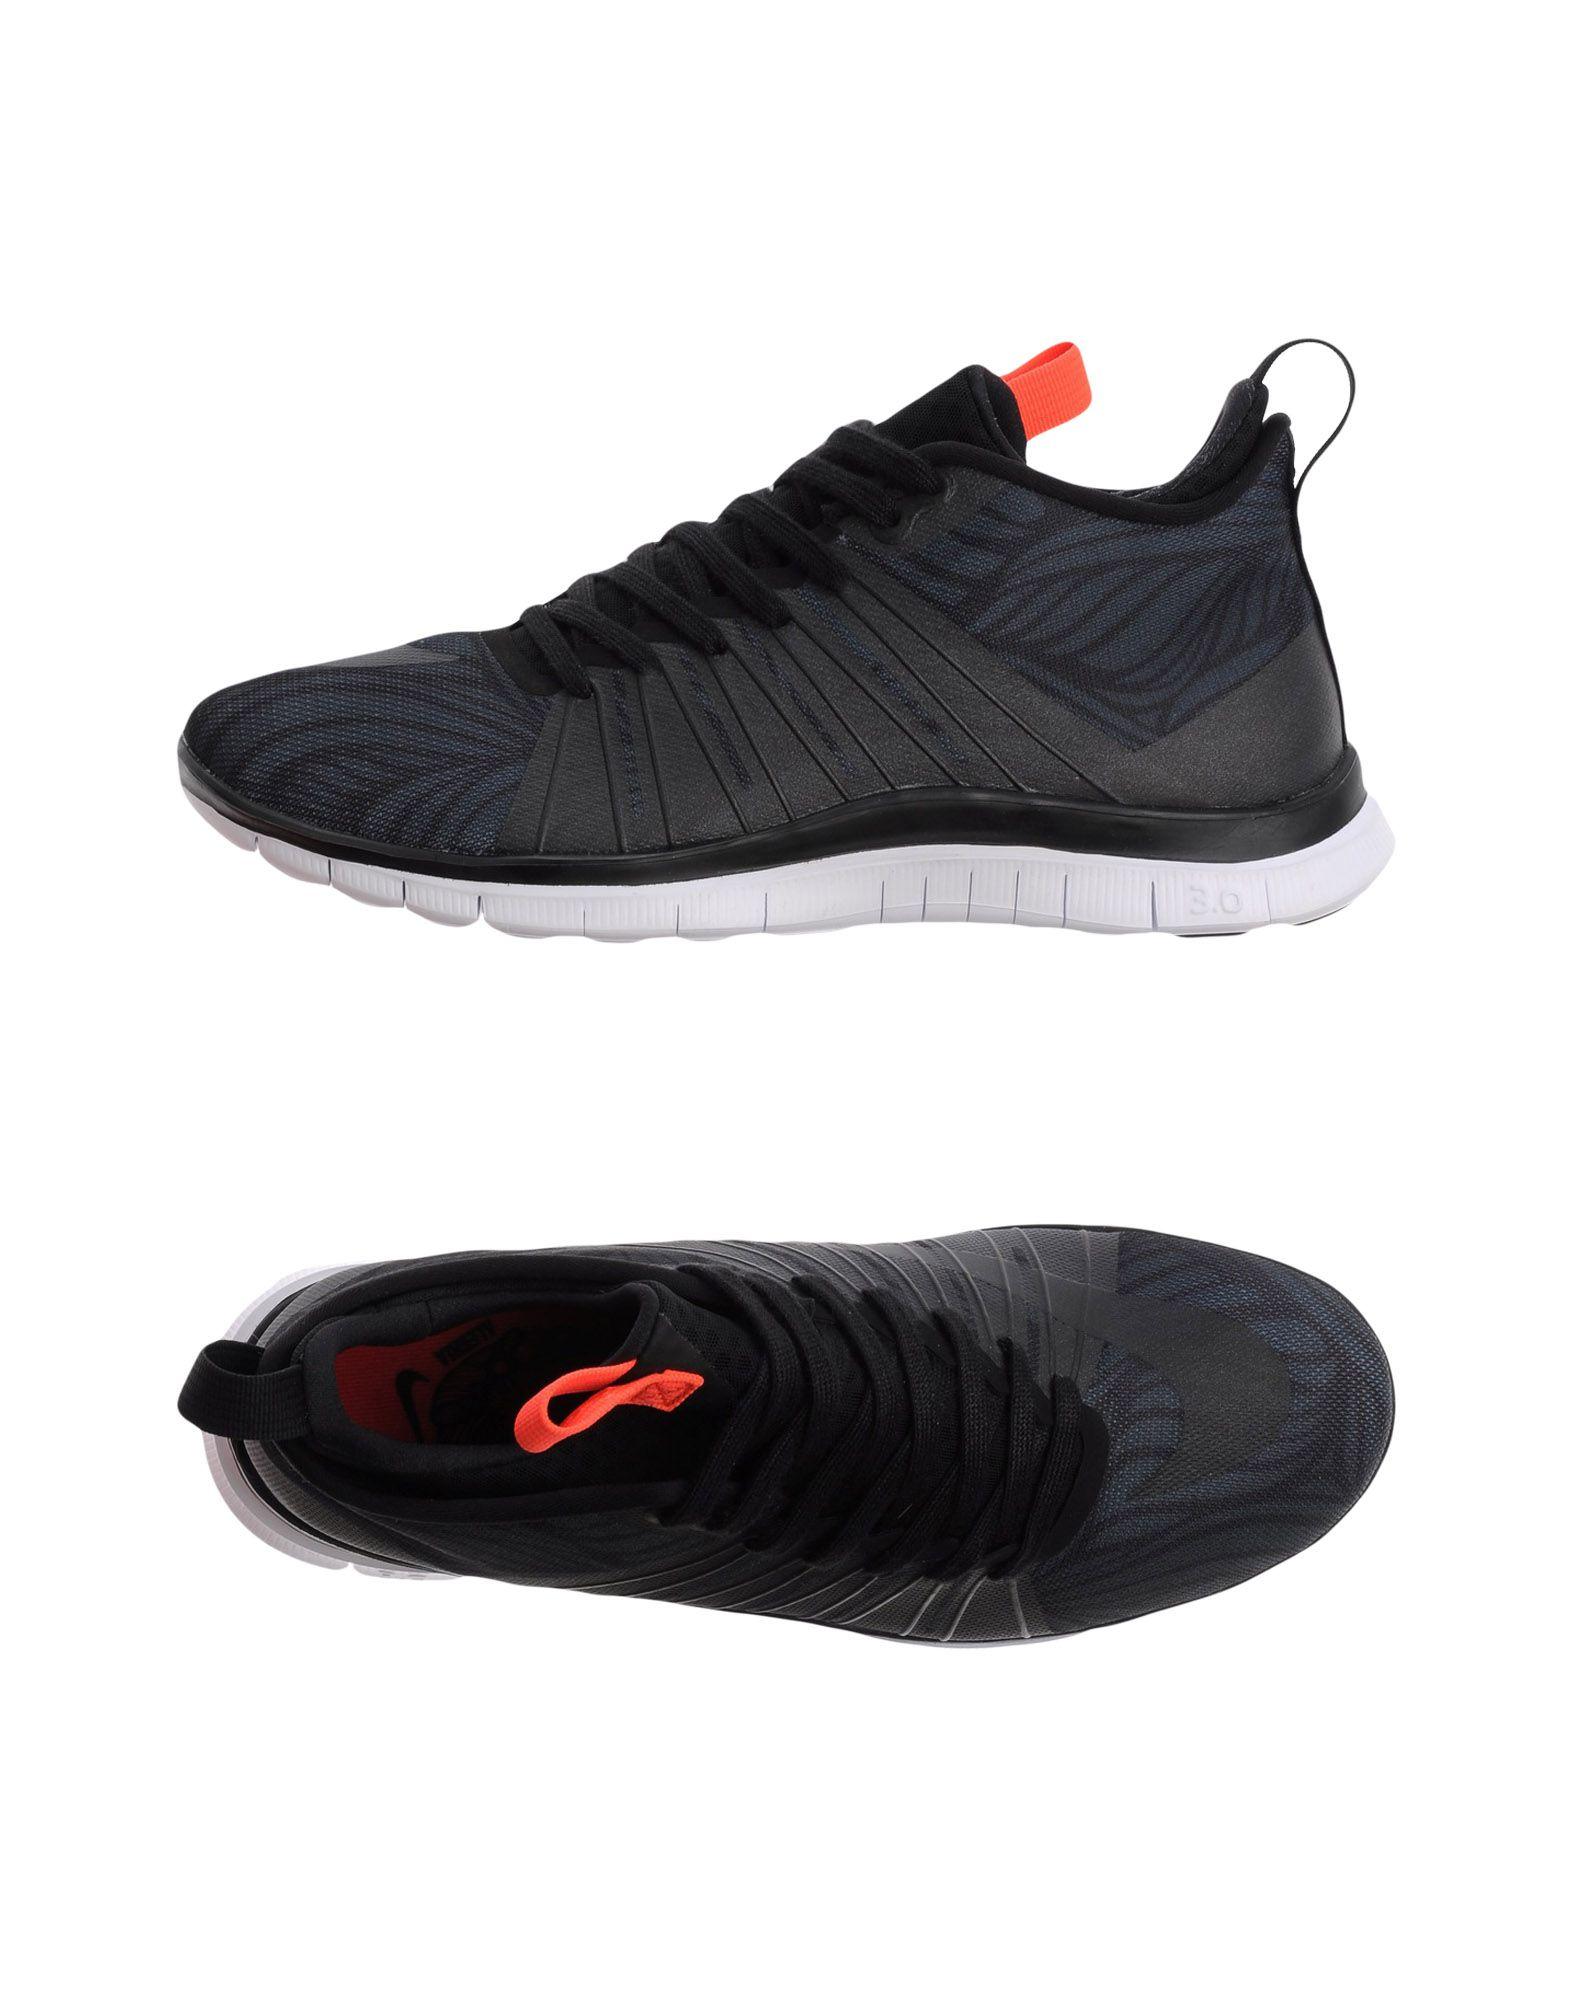 Moda Sneakers Nike Uomo - 11239672HK